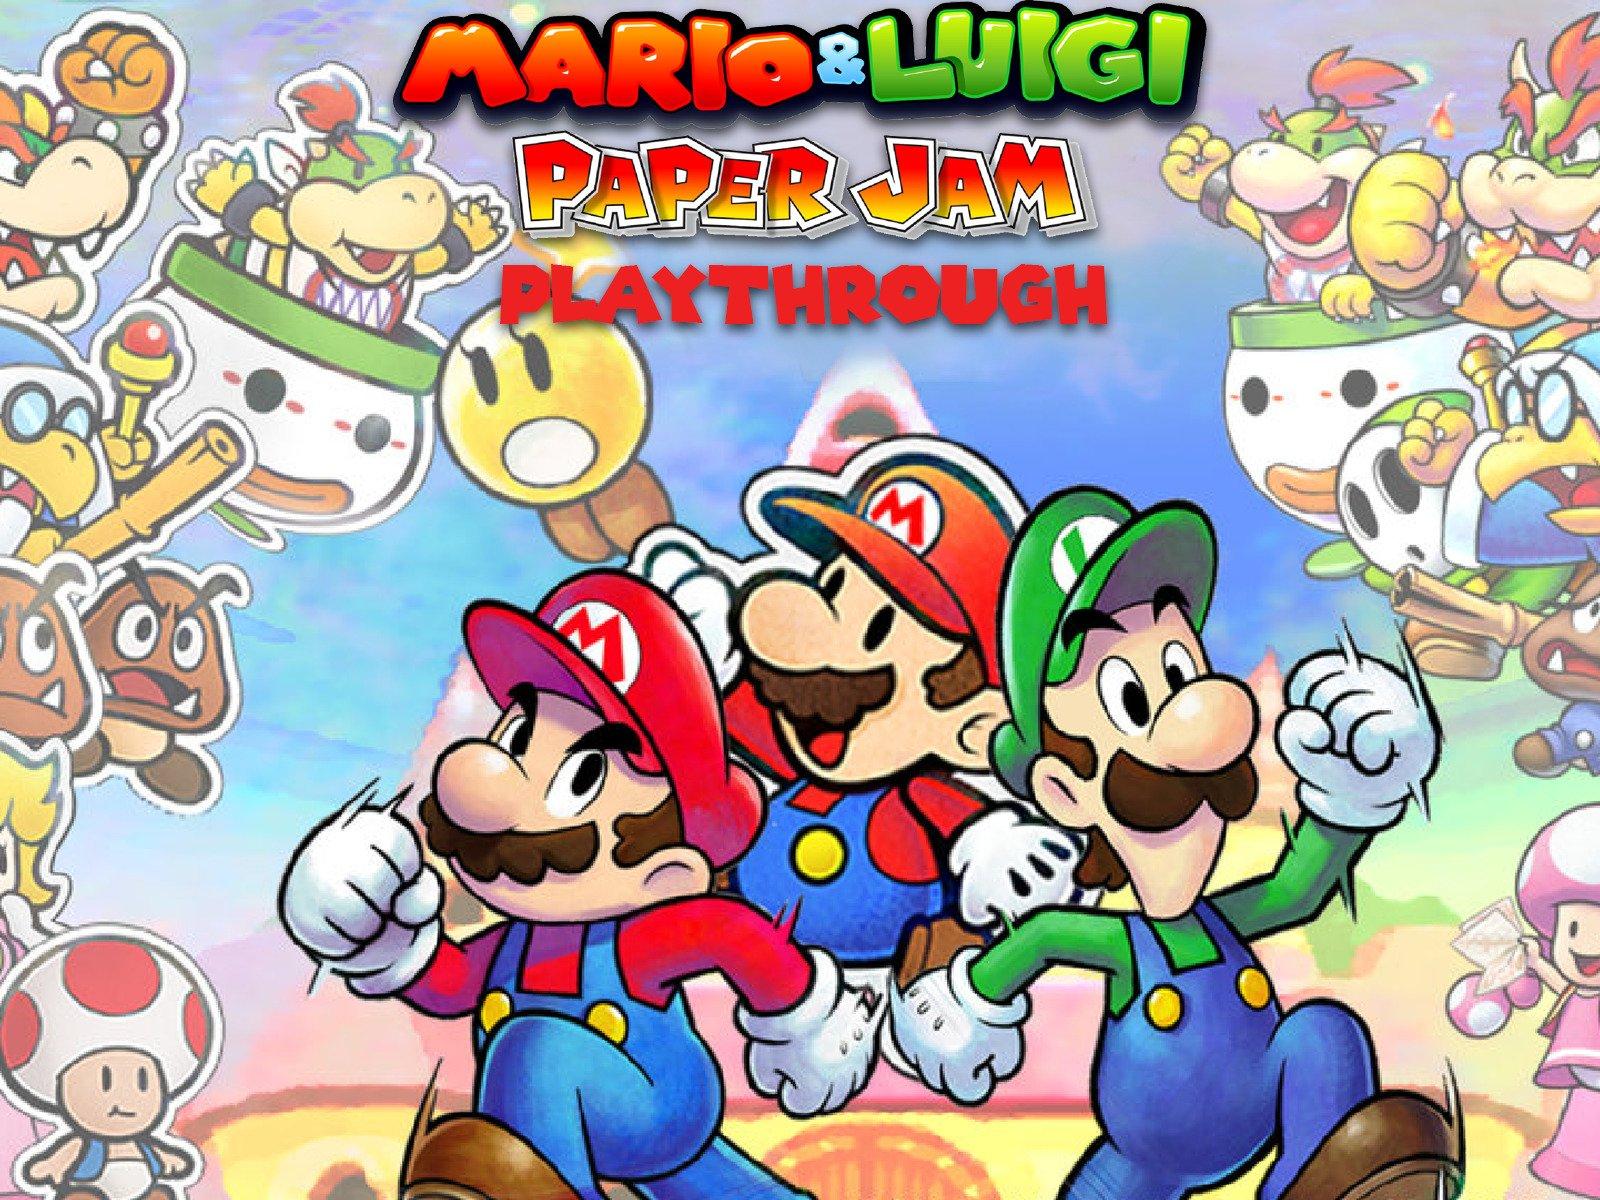 Watch Clip Mario Luigi Paper Jam Playthrough Prime Video